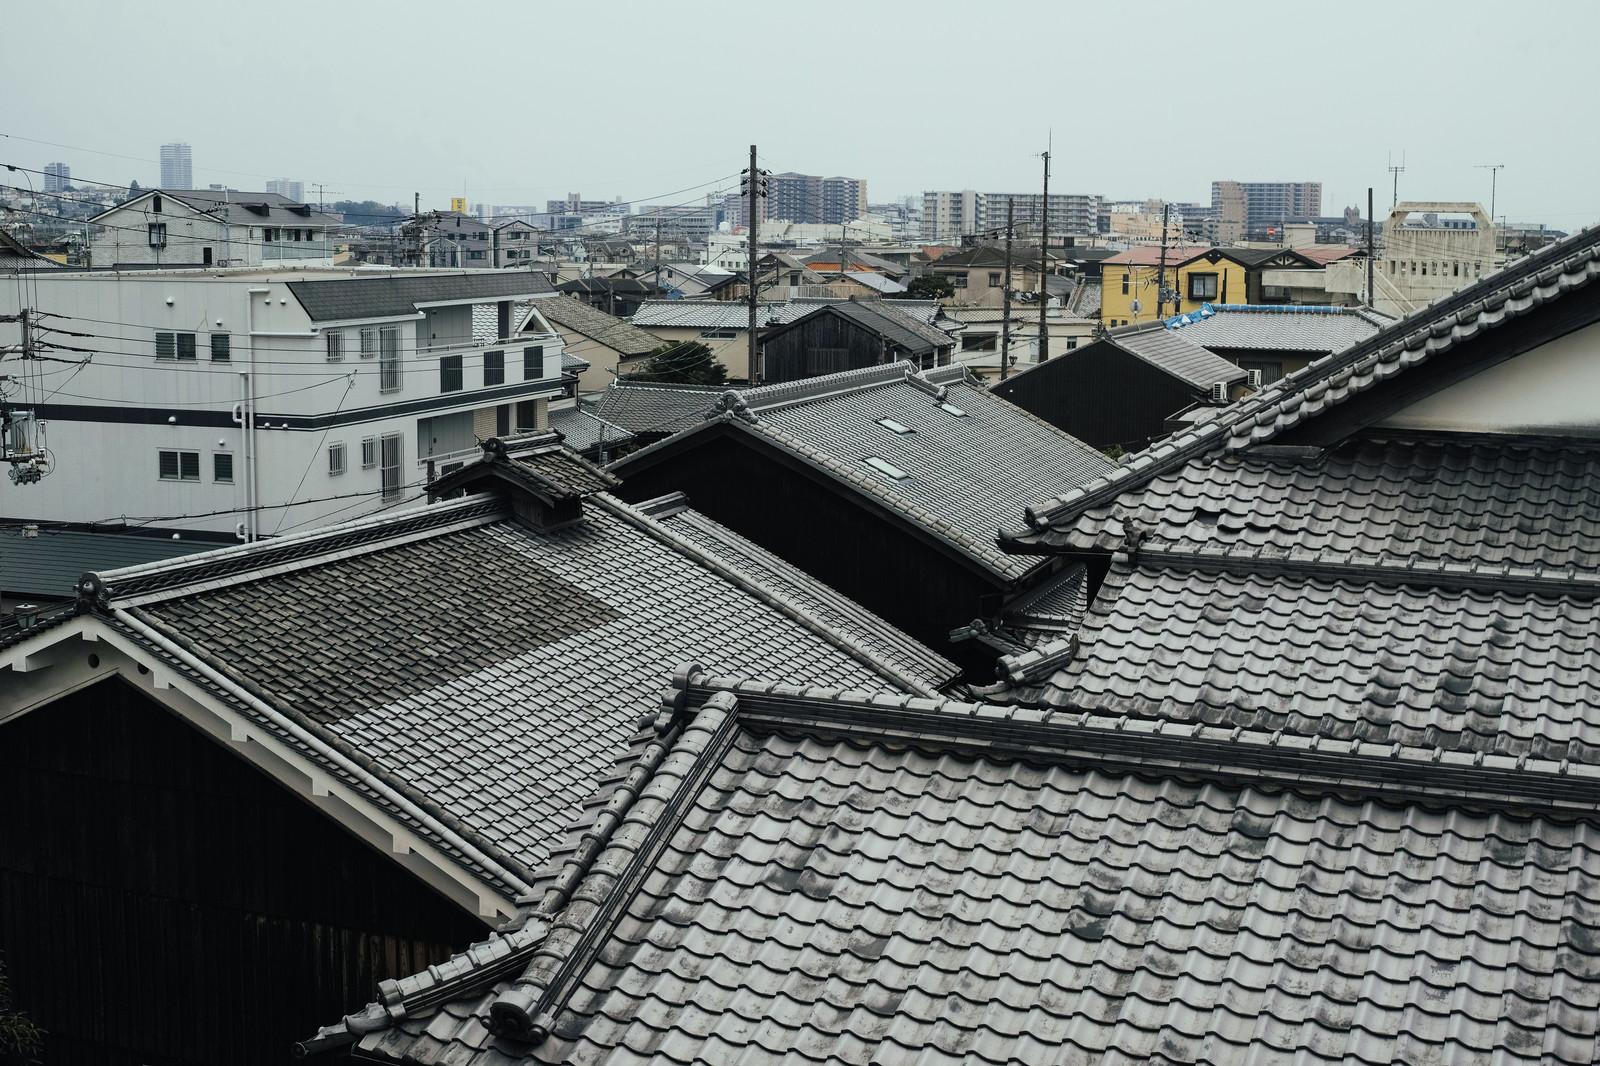 「屋根瓦の密集する住宅街」の写真